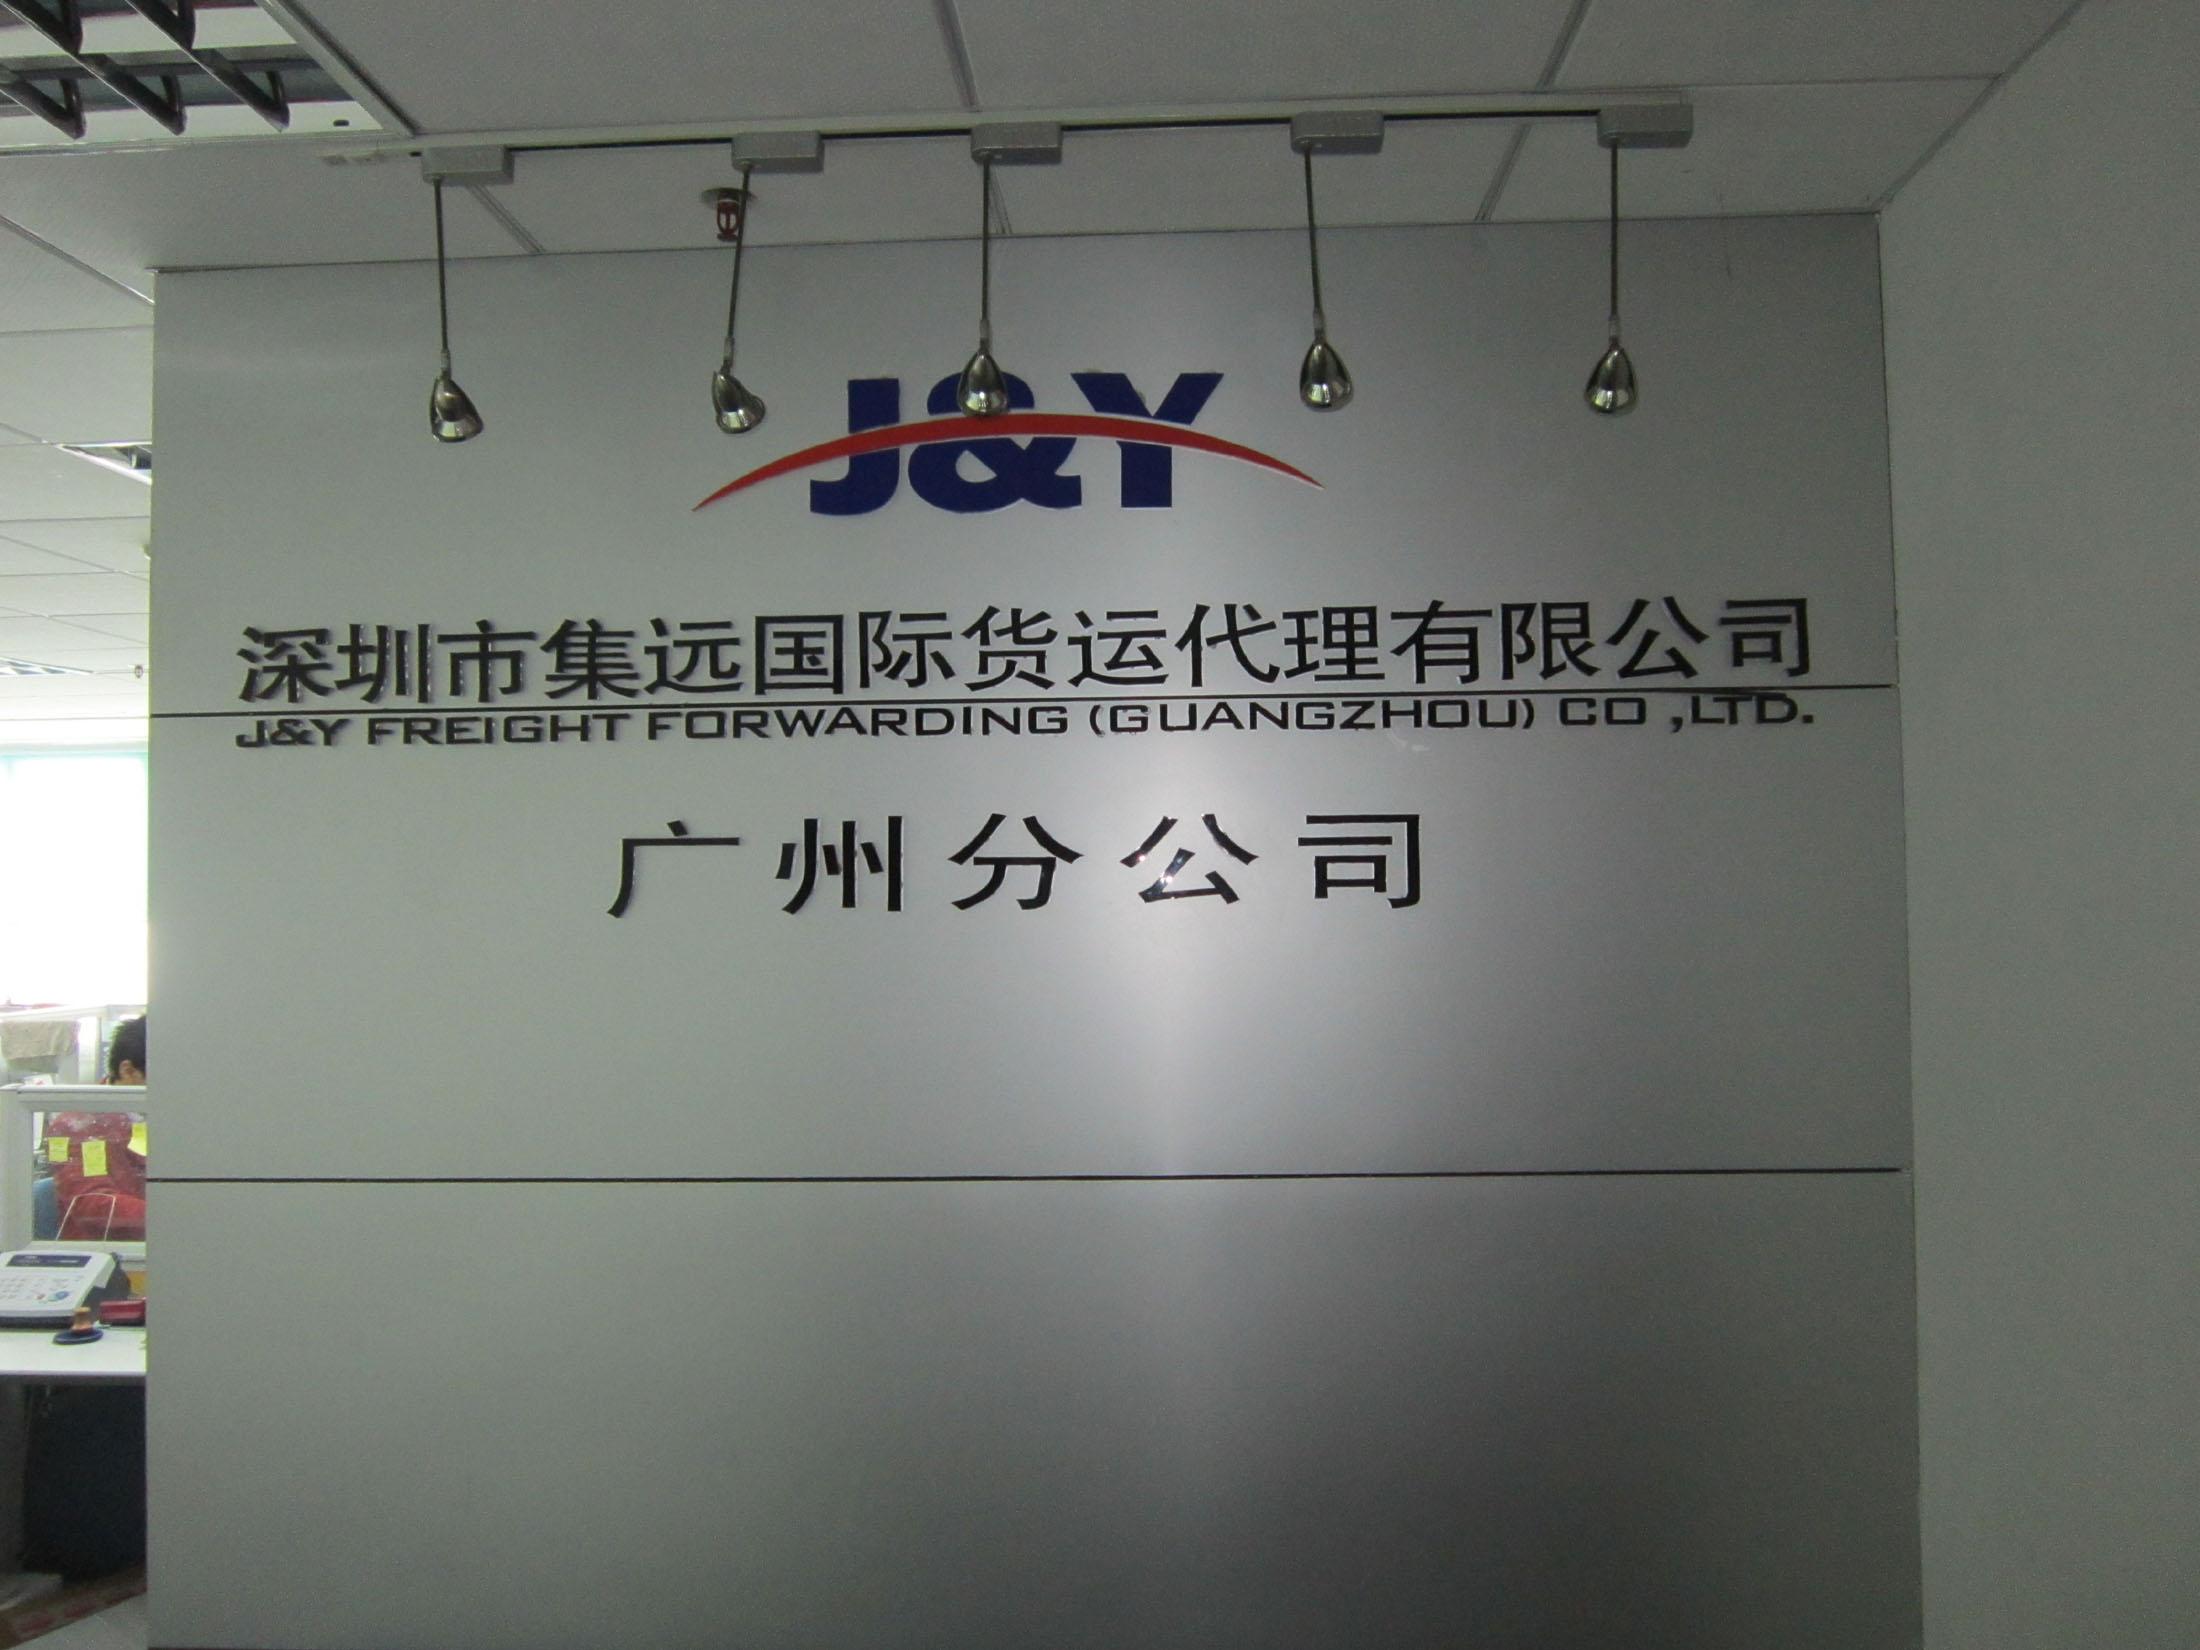 企业墙面雕刻字